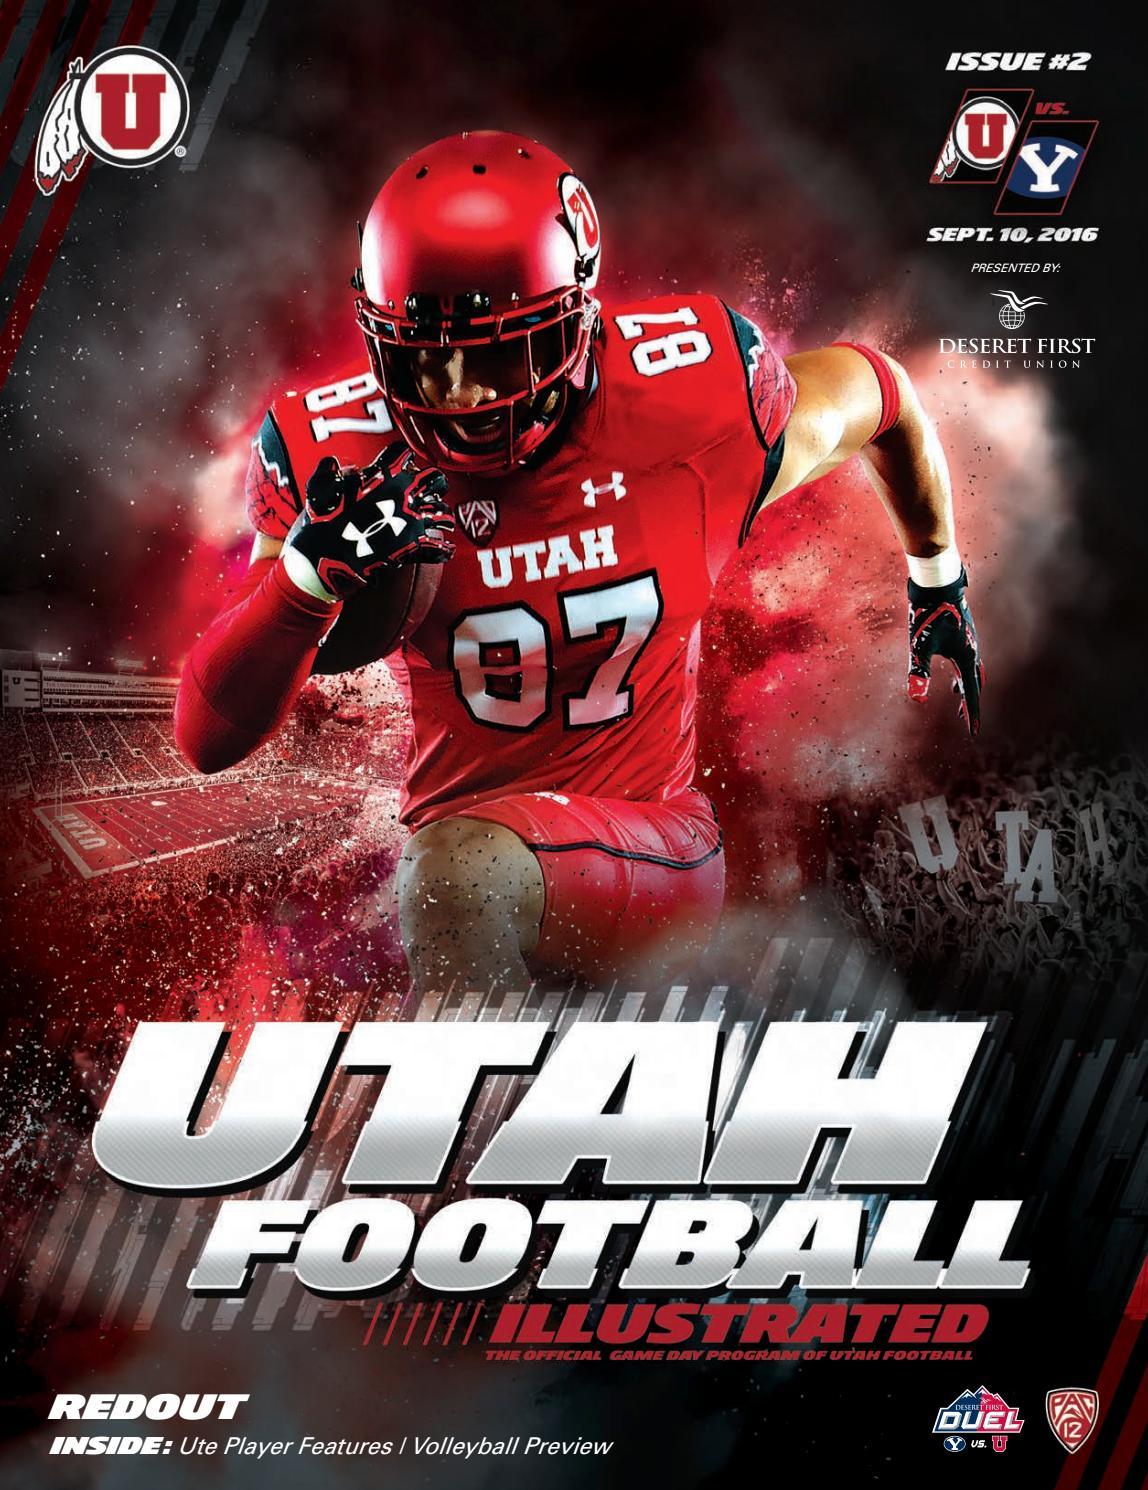 Utah Football Vs Byu By Mills Publishing Sports Issuu